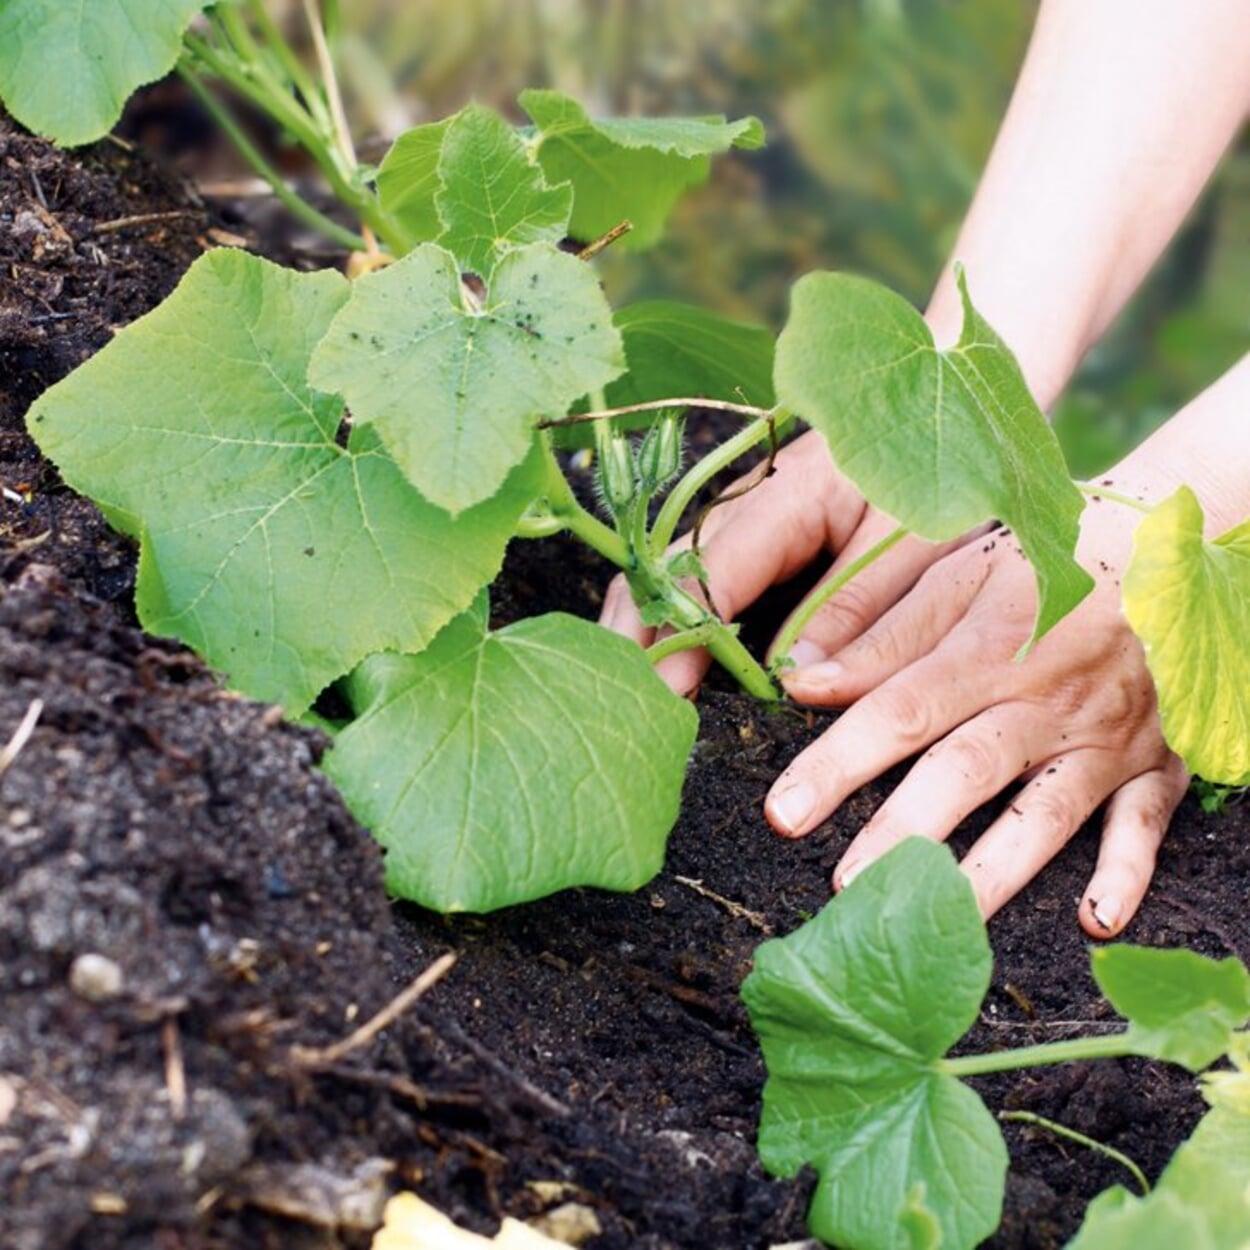 Zur Beschattung den Kompost mit Kürbis bepflanzen